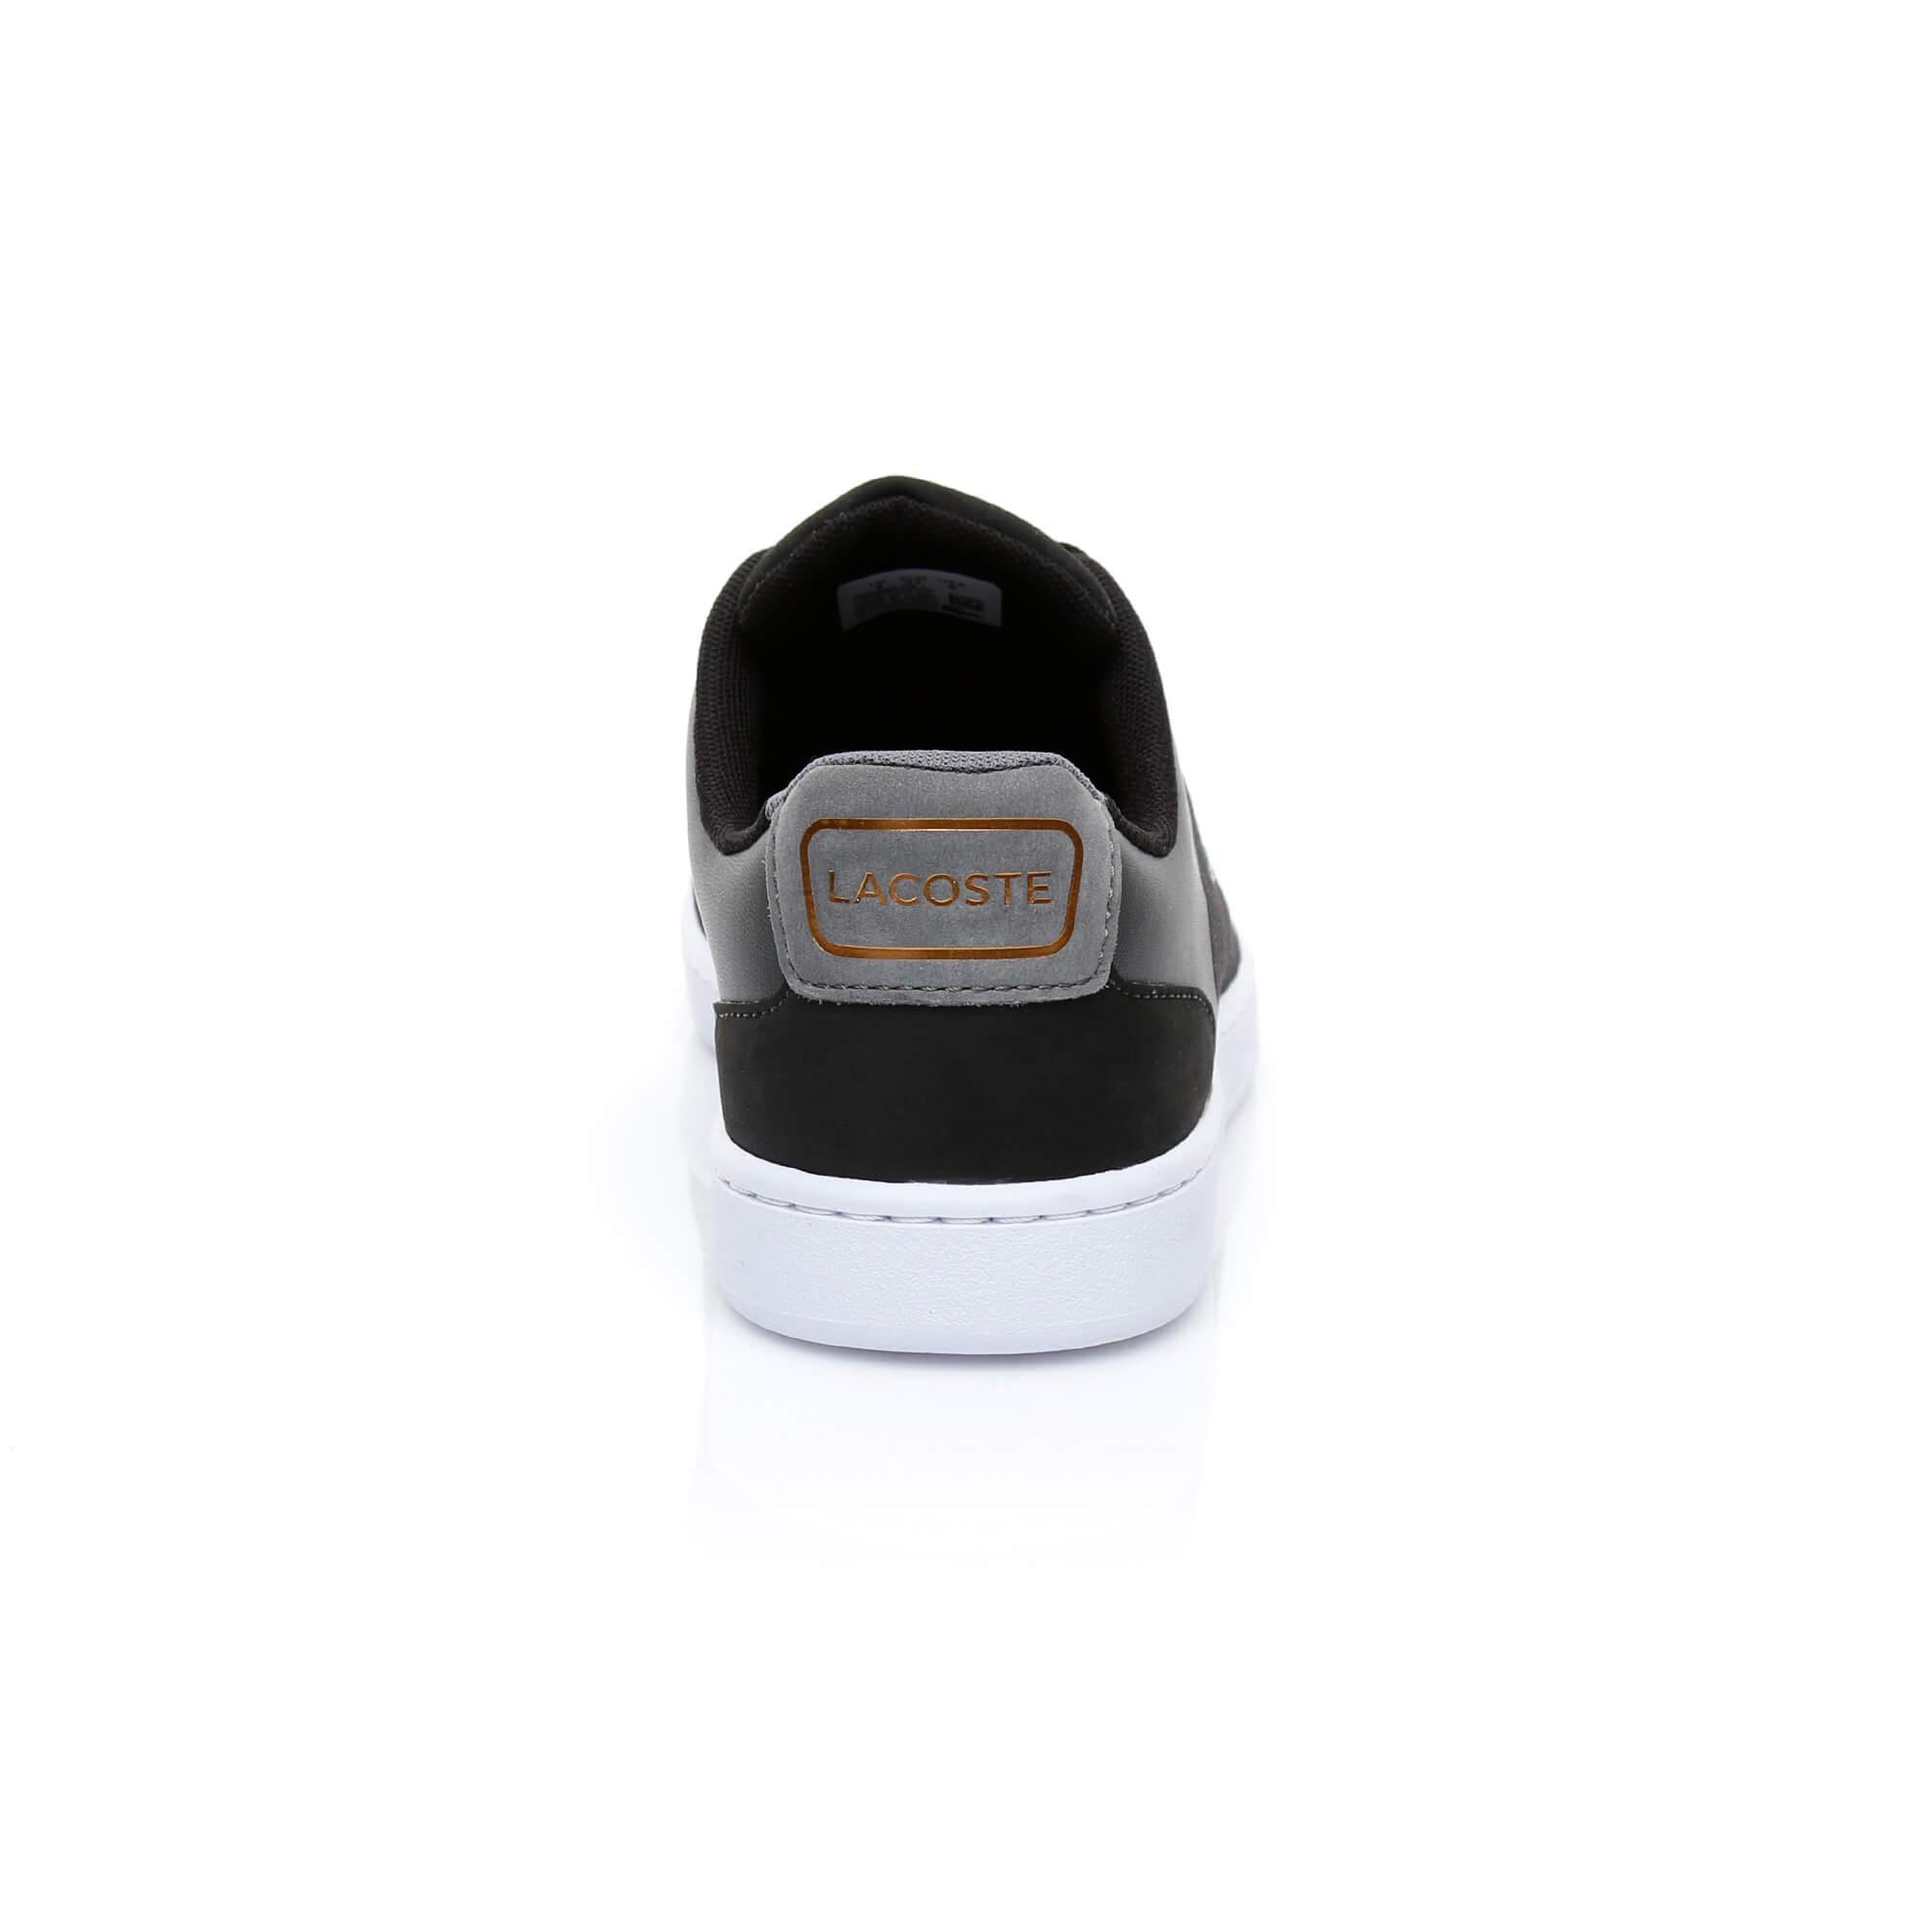 Lacoste Kadın Endlıner 318 1 Siyah Sneaker